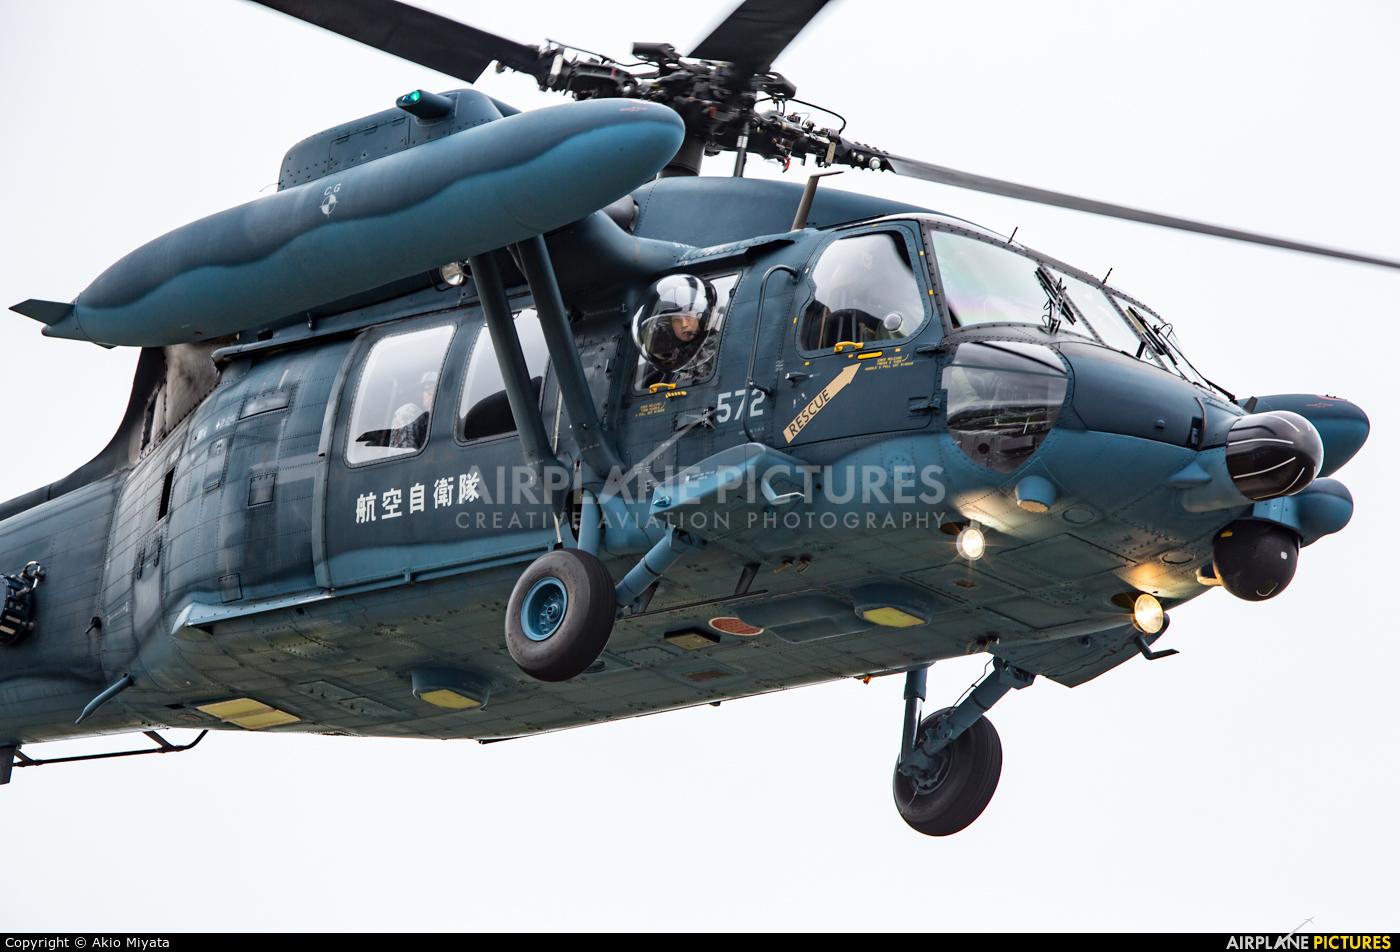 Japan - Air Self Defence Force 08-4572 aircraft at Komatsu